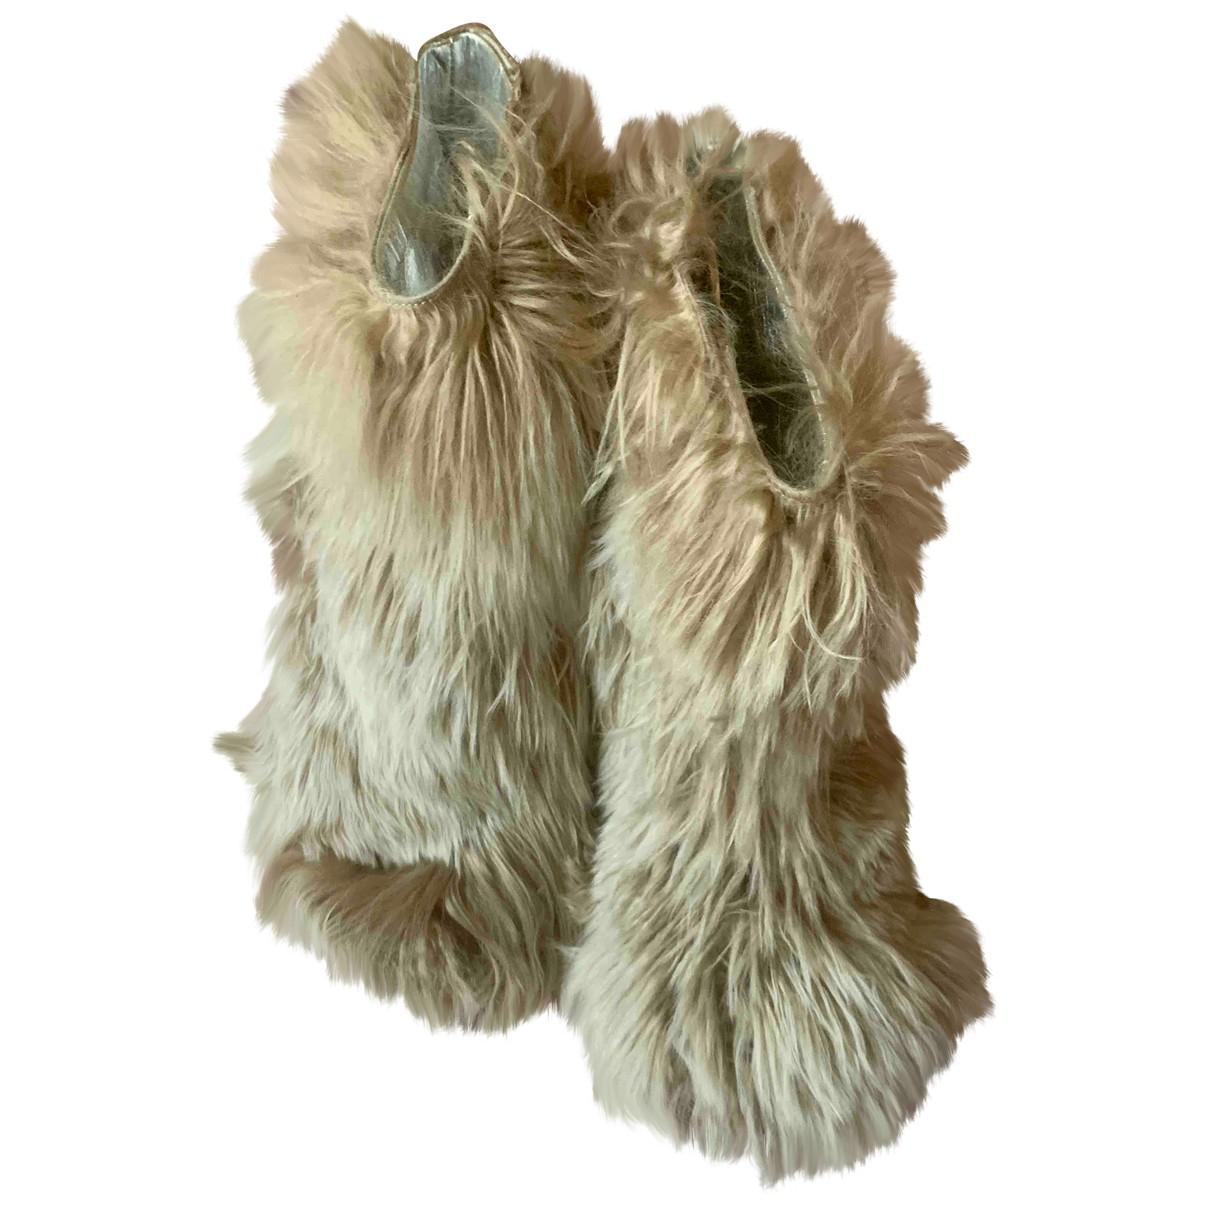 Maison Martin Margiela - Boots   pour femme en fourrure - beige